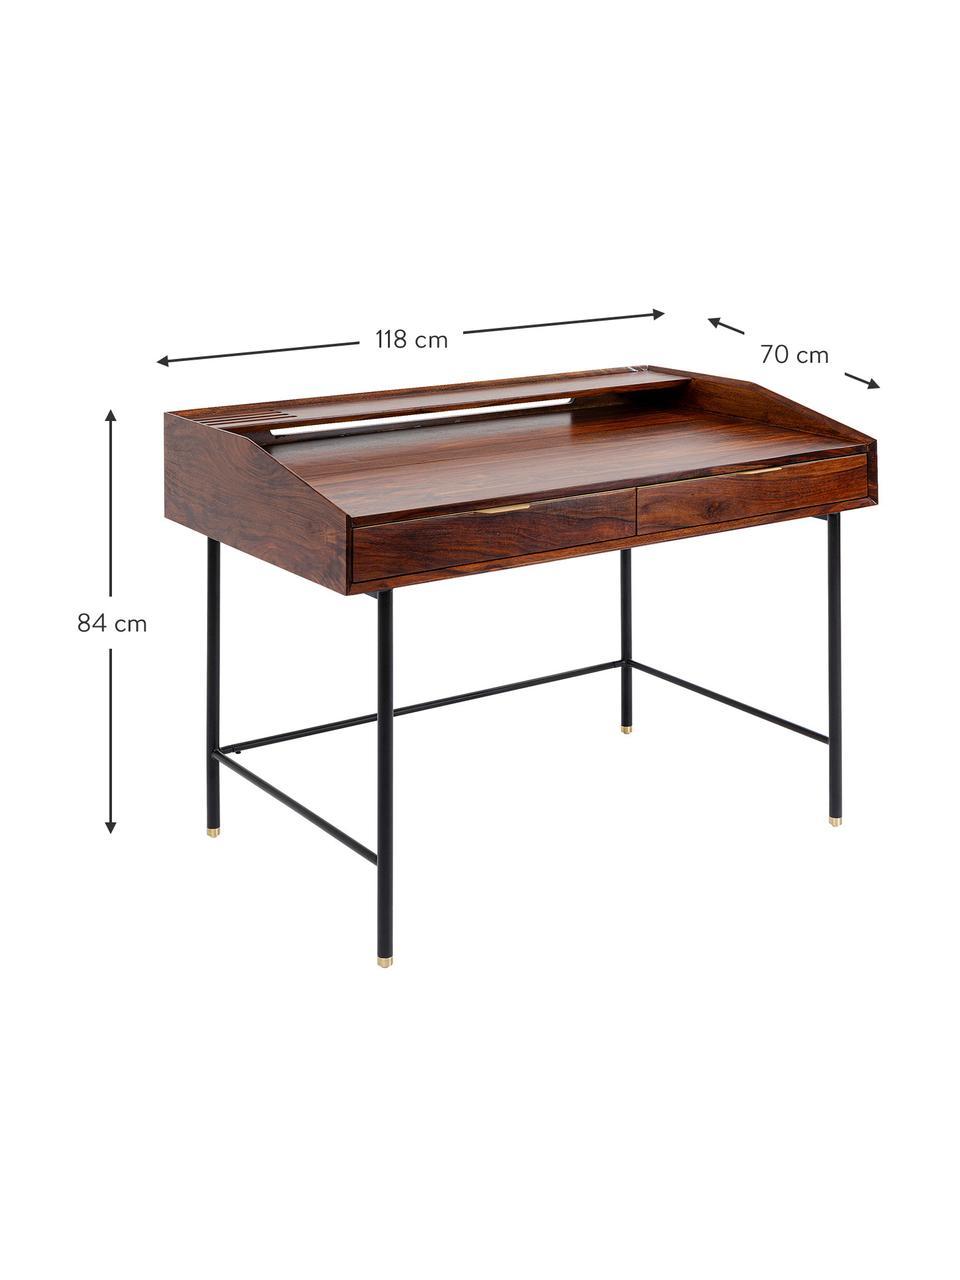 Houten bureau Ravello met lades, Frame: massief sheesham hout, ge, Poten: gepoedercoat staal, Handvatten: gepoedercoat staal, Bruin, B 118 x D 70 cm